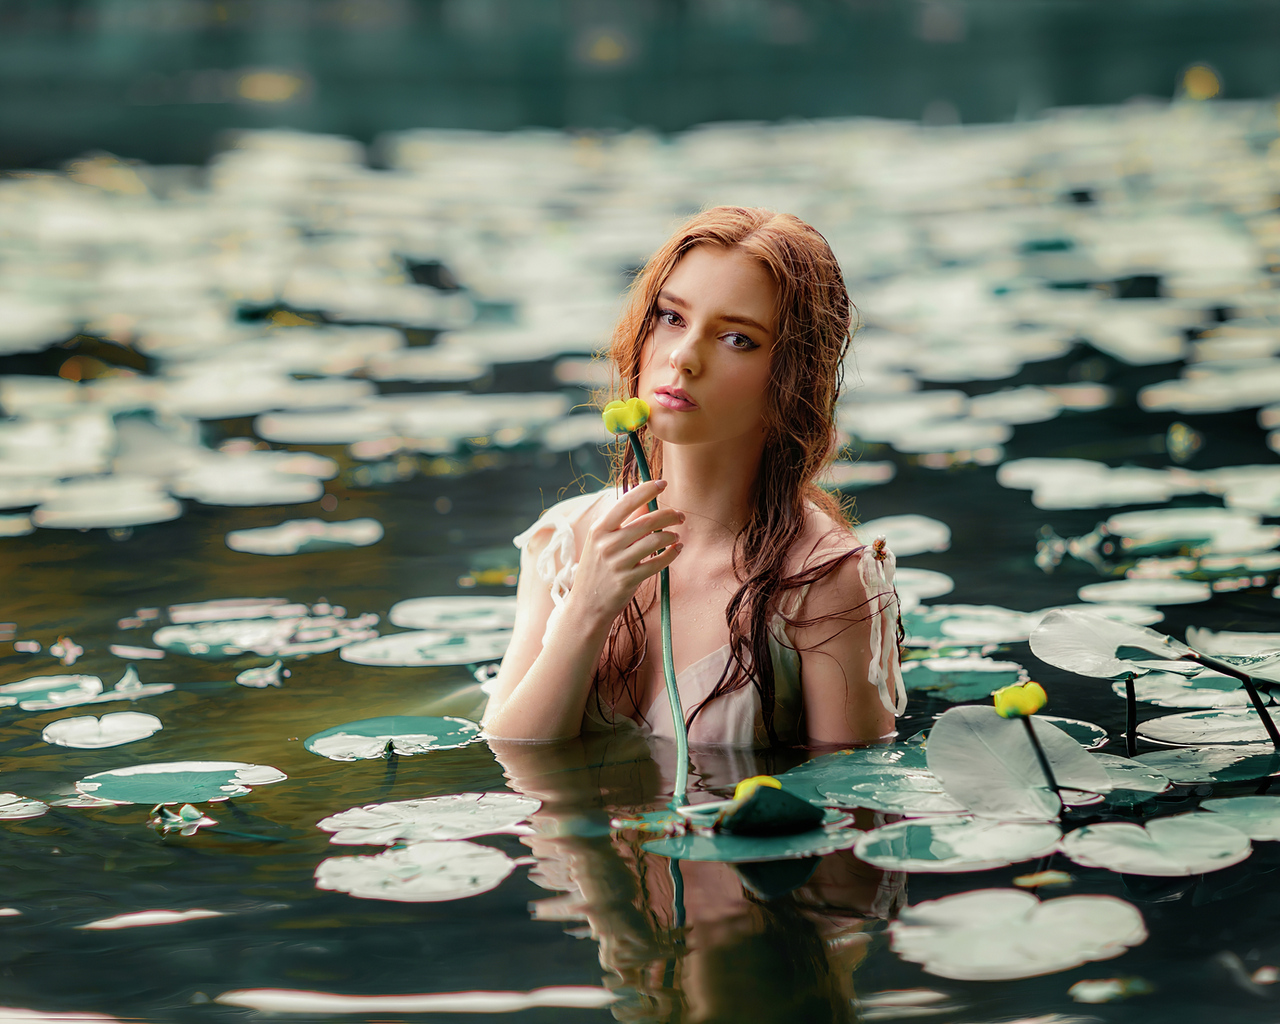 girl-with-flower-in-water-4k-7w.jpg